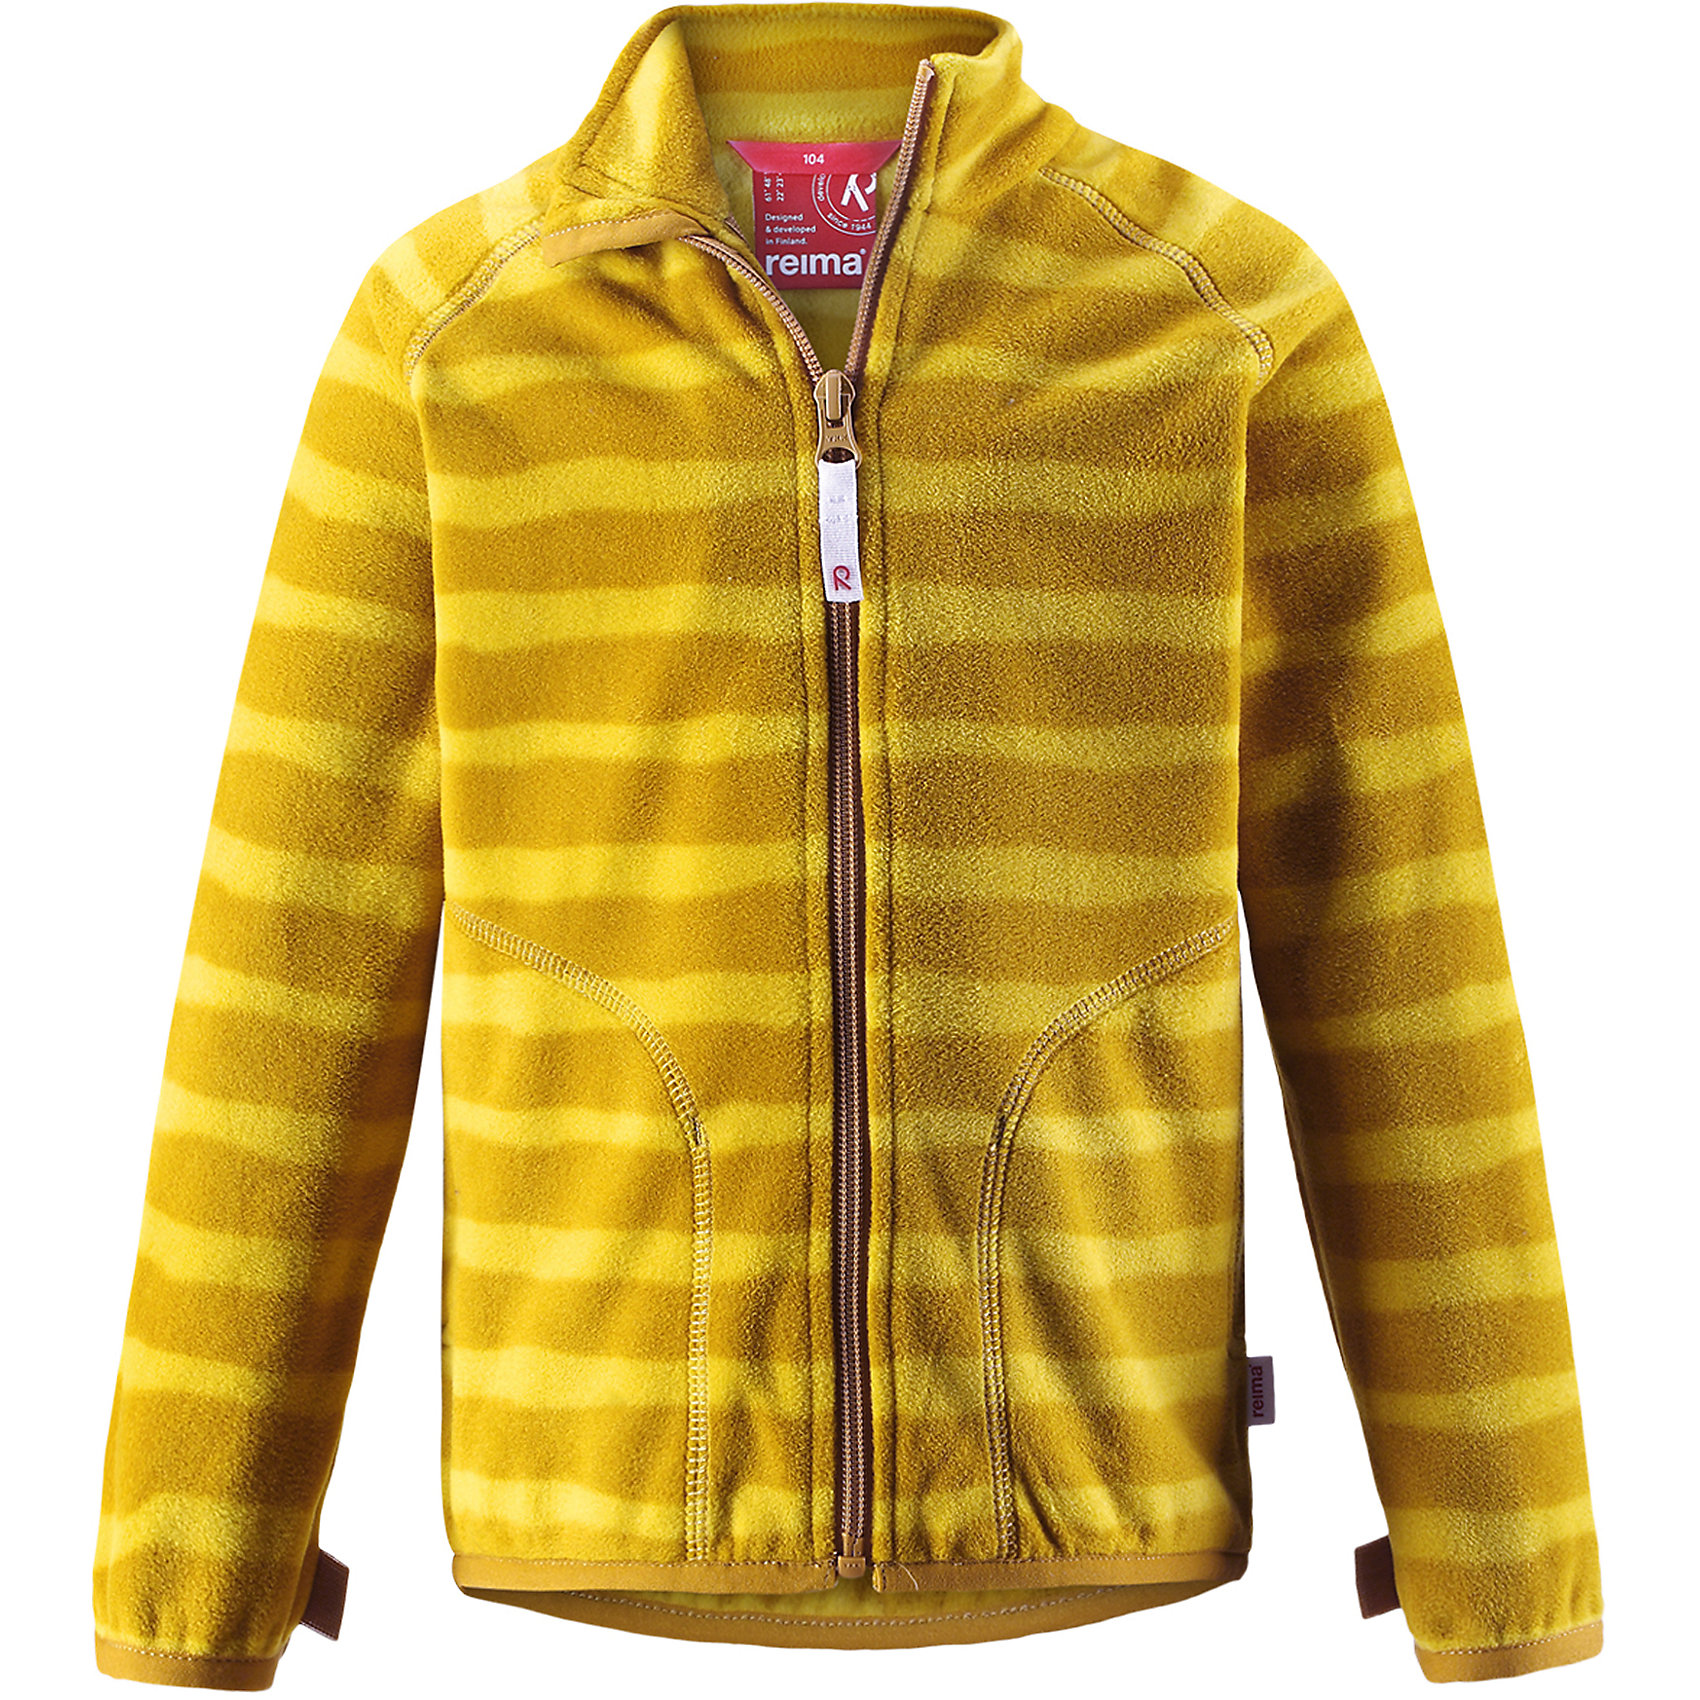 Флисовая кофта Reima SteppeОдежда<br>Характеристики товара:<br><br>• цвет: желтый;<br>• состав: 100% полиэстер;<br>• сезон: зима;<br>• застежка: молния по всей длине с защитой подбородка;<br>• выводит влагу наружу;<br>• теплый, легкий и быстросохнущий флис;<br>• может пристегиваться к верхней одежде Reima® кнопками Play Layers®;<br>• эластичные манжеты и подол;<br>• два боковых кармана;<br>• страна бренда: Финляндия;<br>• страна изготовитель: Китай.<br><br>Супер удобная детская флисовая куртка превосходно послужит в качестве промежуточного слоя в морозные зимние дни – она теплая и очень мягкая на ощупь. Эта куртка изготовлена из легкого полярного флиса, дышащего и быстросохнущего материала. <br><br>Молния во всю длину облегчает надевание, а защита для подбородка не дает поцарапать молнией шею и подбородок. Практичную флисовую куртку легко можно пристегнуть к любой верхней одежде Reima®, оснащенной системой кнопок Play Layers®. Два боковых кармана и украшение в виде яркого рисунка.<br><br>Флисовая кофта Reima Steppe от финского бренда Reima (Рейма) можно купить в нашем интернет-магазине.<br><br>Ширина мм: 190<br>Глубина мм: 74<br>Высота мм: 229<br>Вес г: 236<br>Цвет: желтый<br>Возраст от месяцев: 108<br>Возраст до месяцев: 120<br>Пол: Унисекс<br>Возраст: Детский<br>Размер: 140,92,98,104,110,116,122,128,134<br>SKU: 6901949